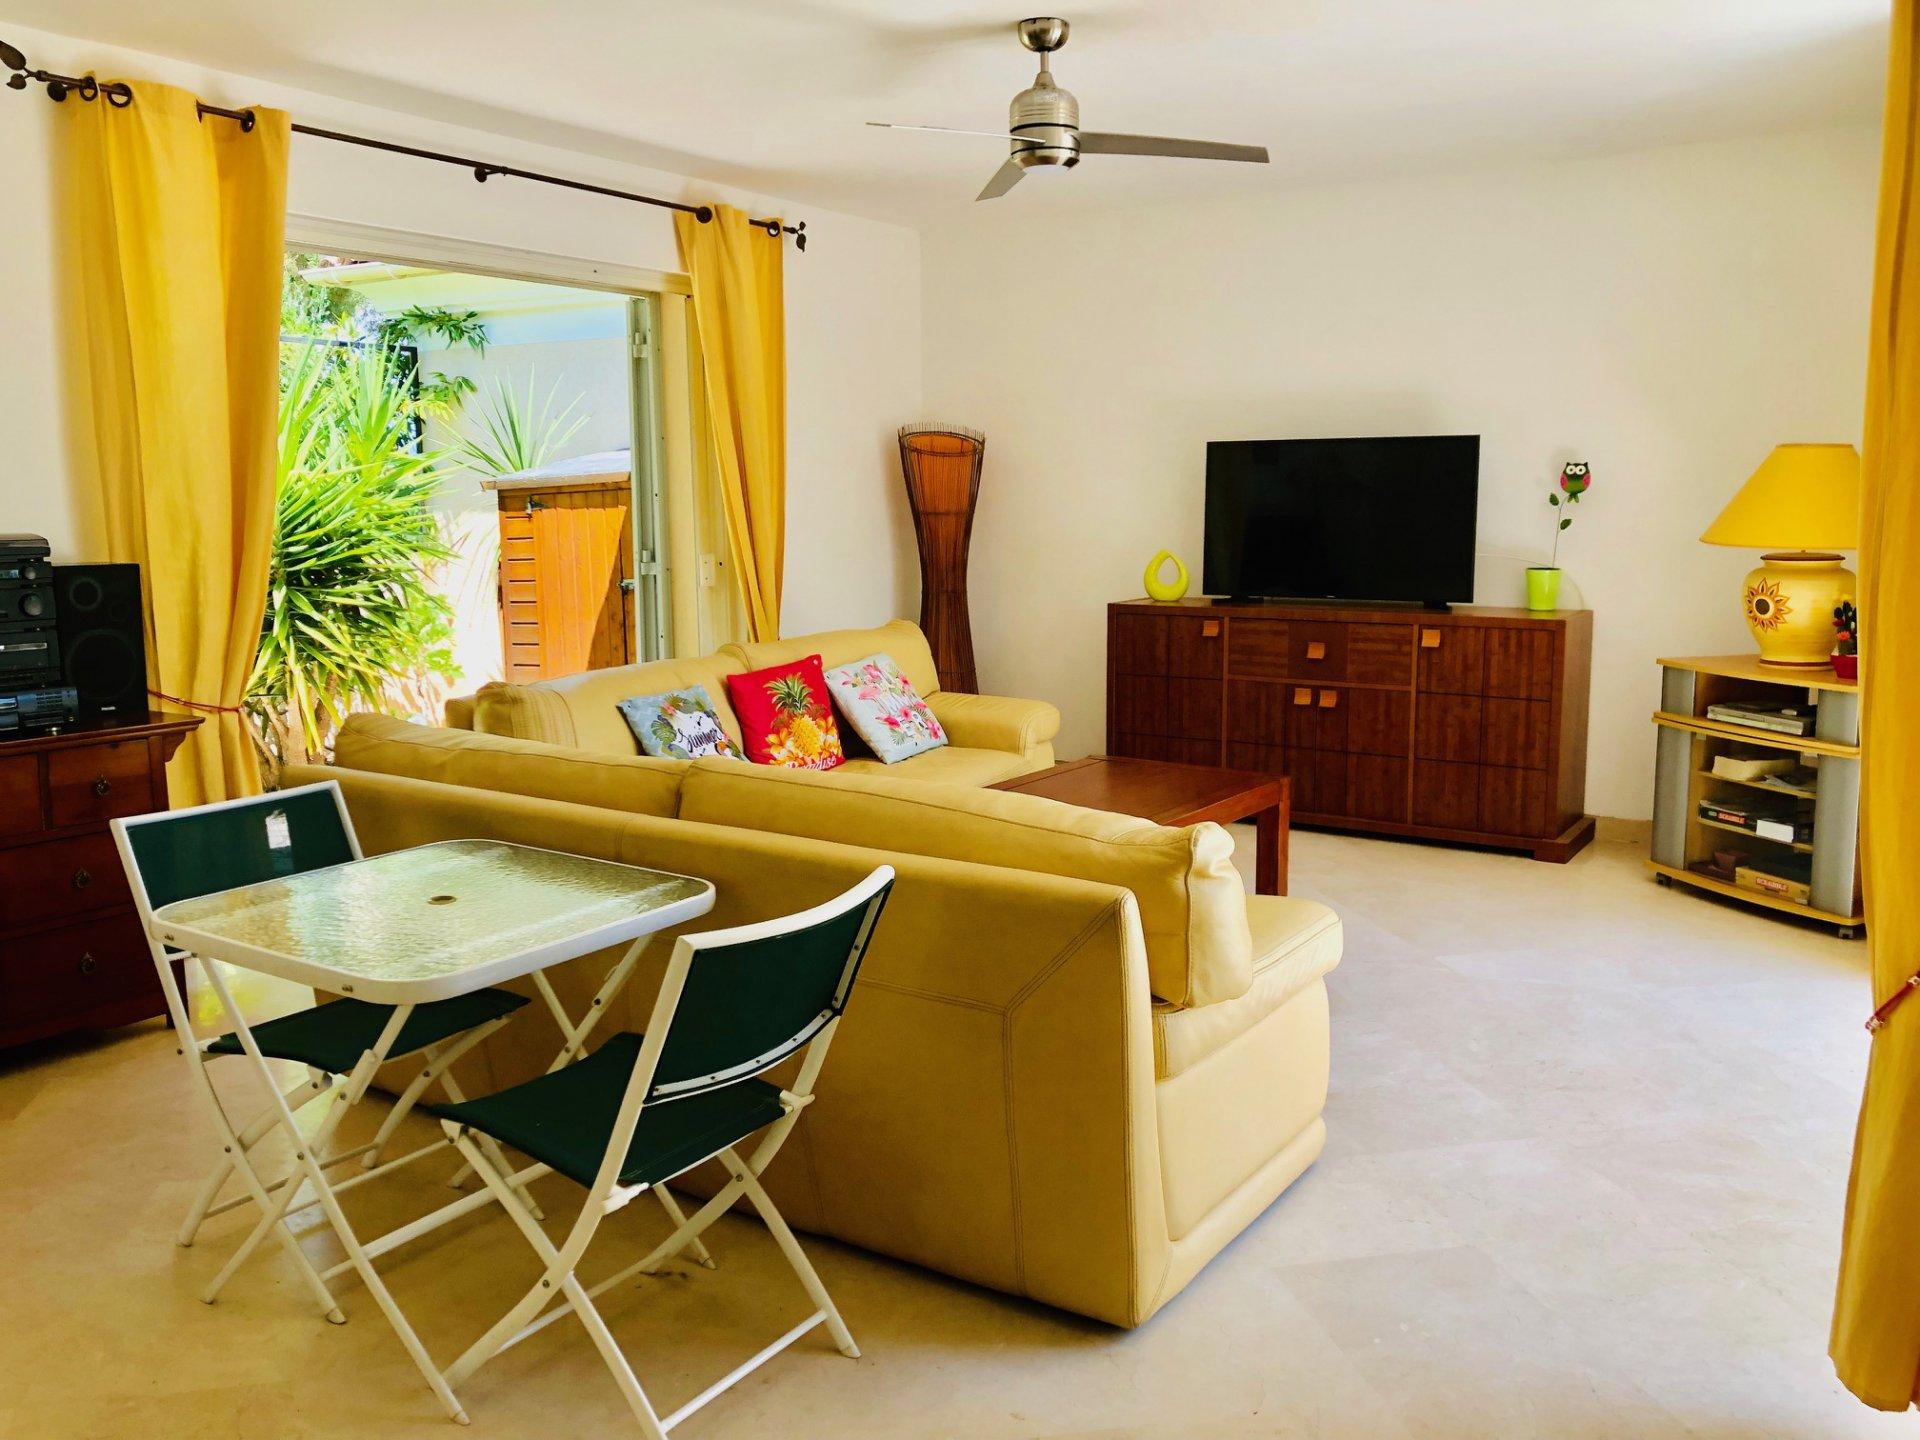 Belle villa patio d'environ 105 m2. Idéal pour les vacances.Entrée sur un joli patio arboré. Salon ...